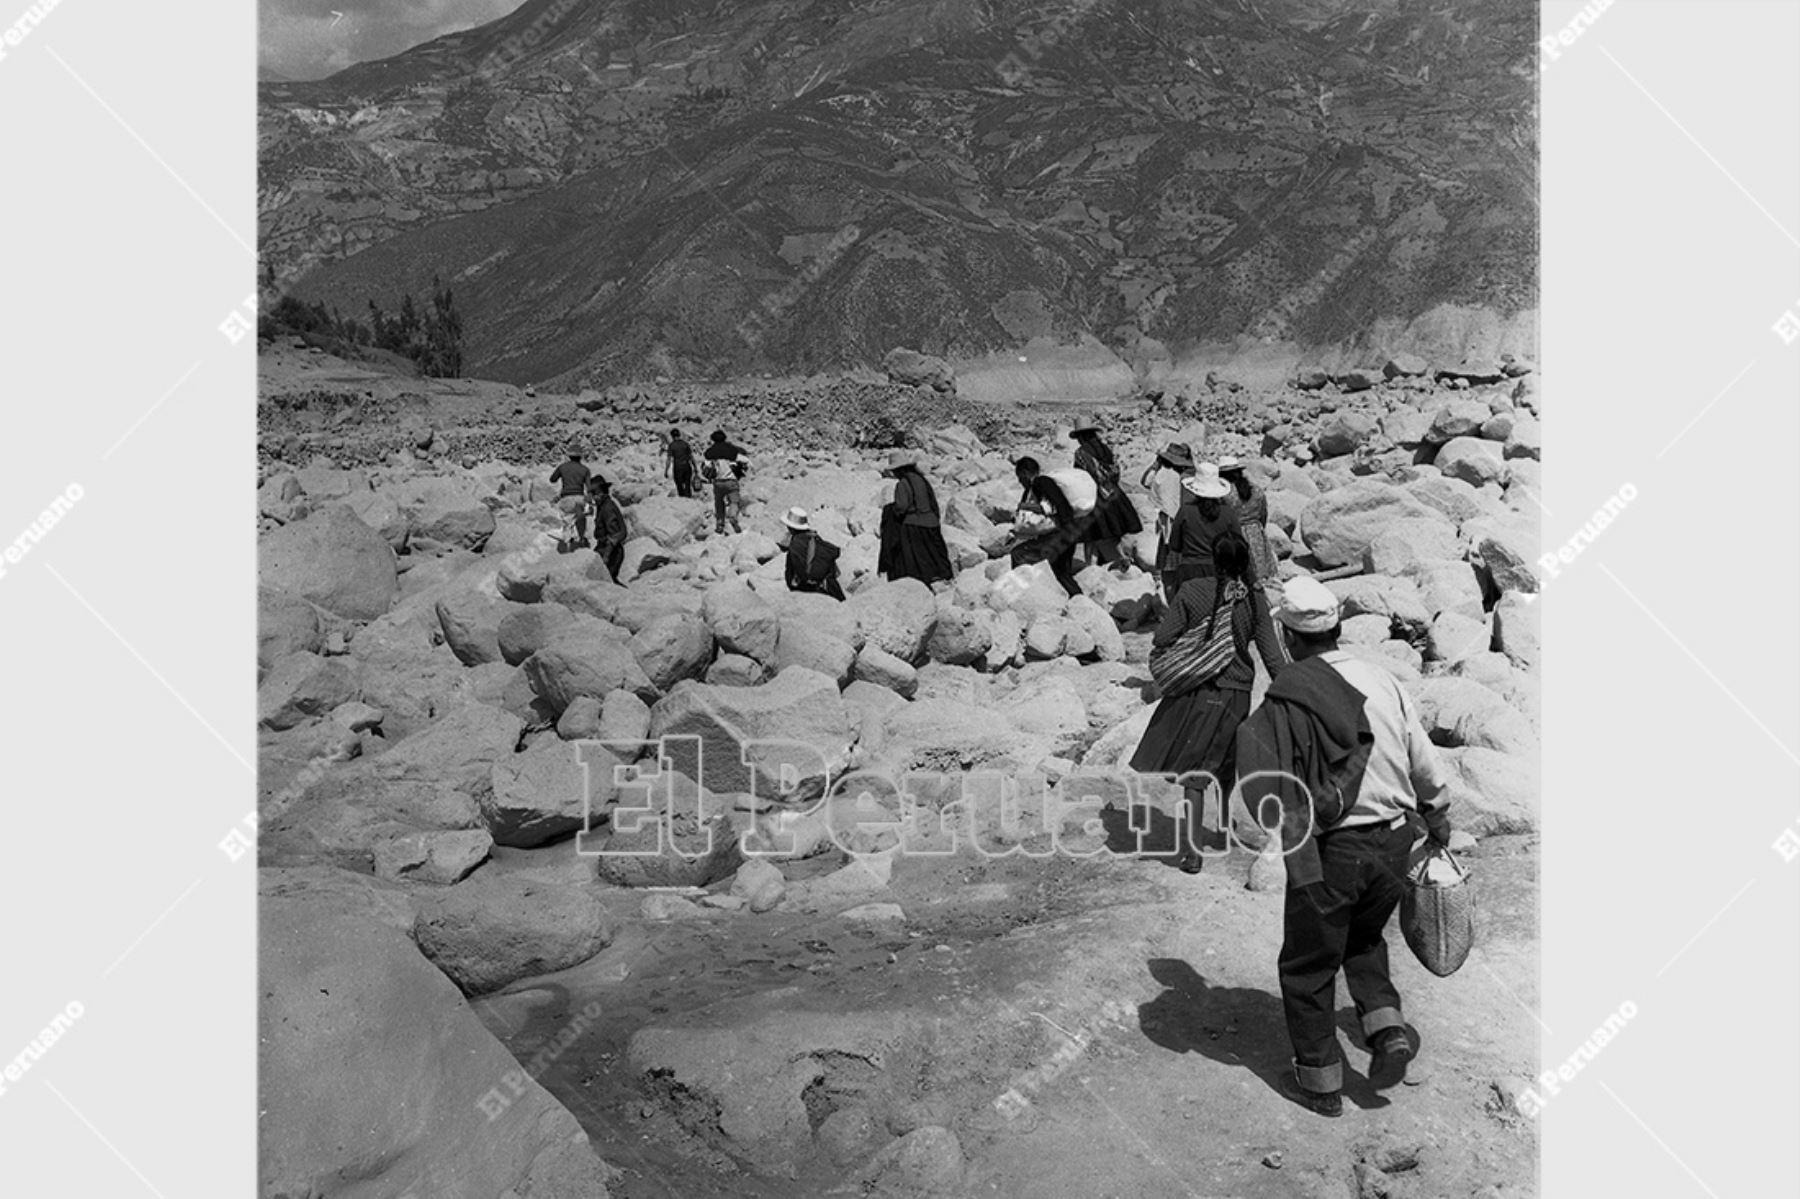 Ancash - 1 junio 1970 / Terremoto de Yungay. Damnificados reciben atención en carpas de la Cruz Roja Peruana.  Foto: Archivo Histórico de El Peruano